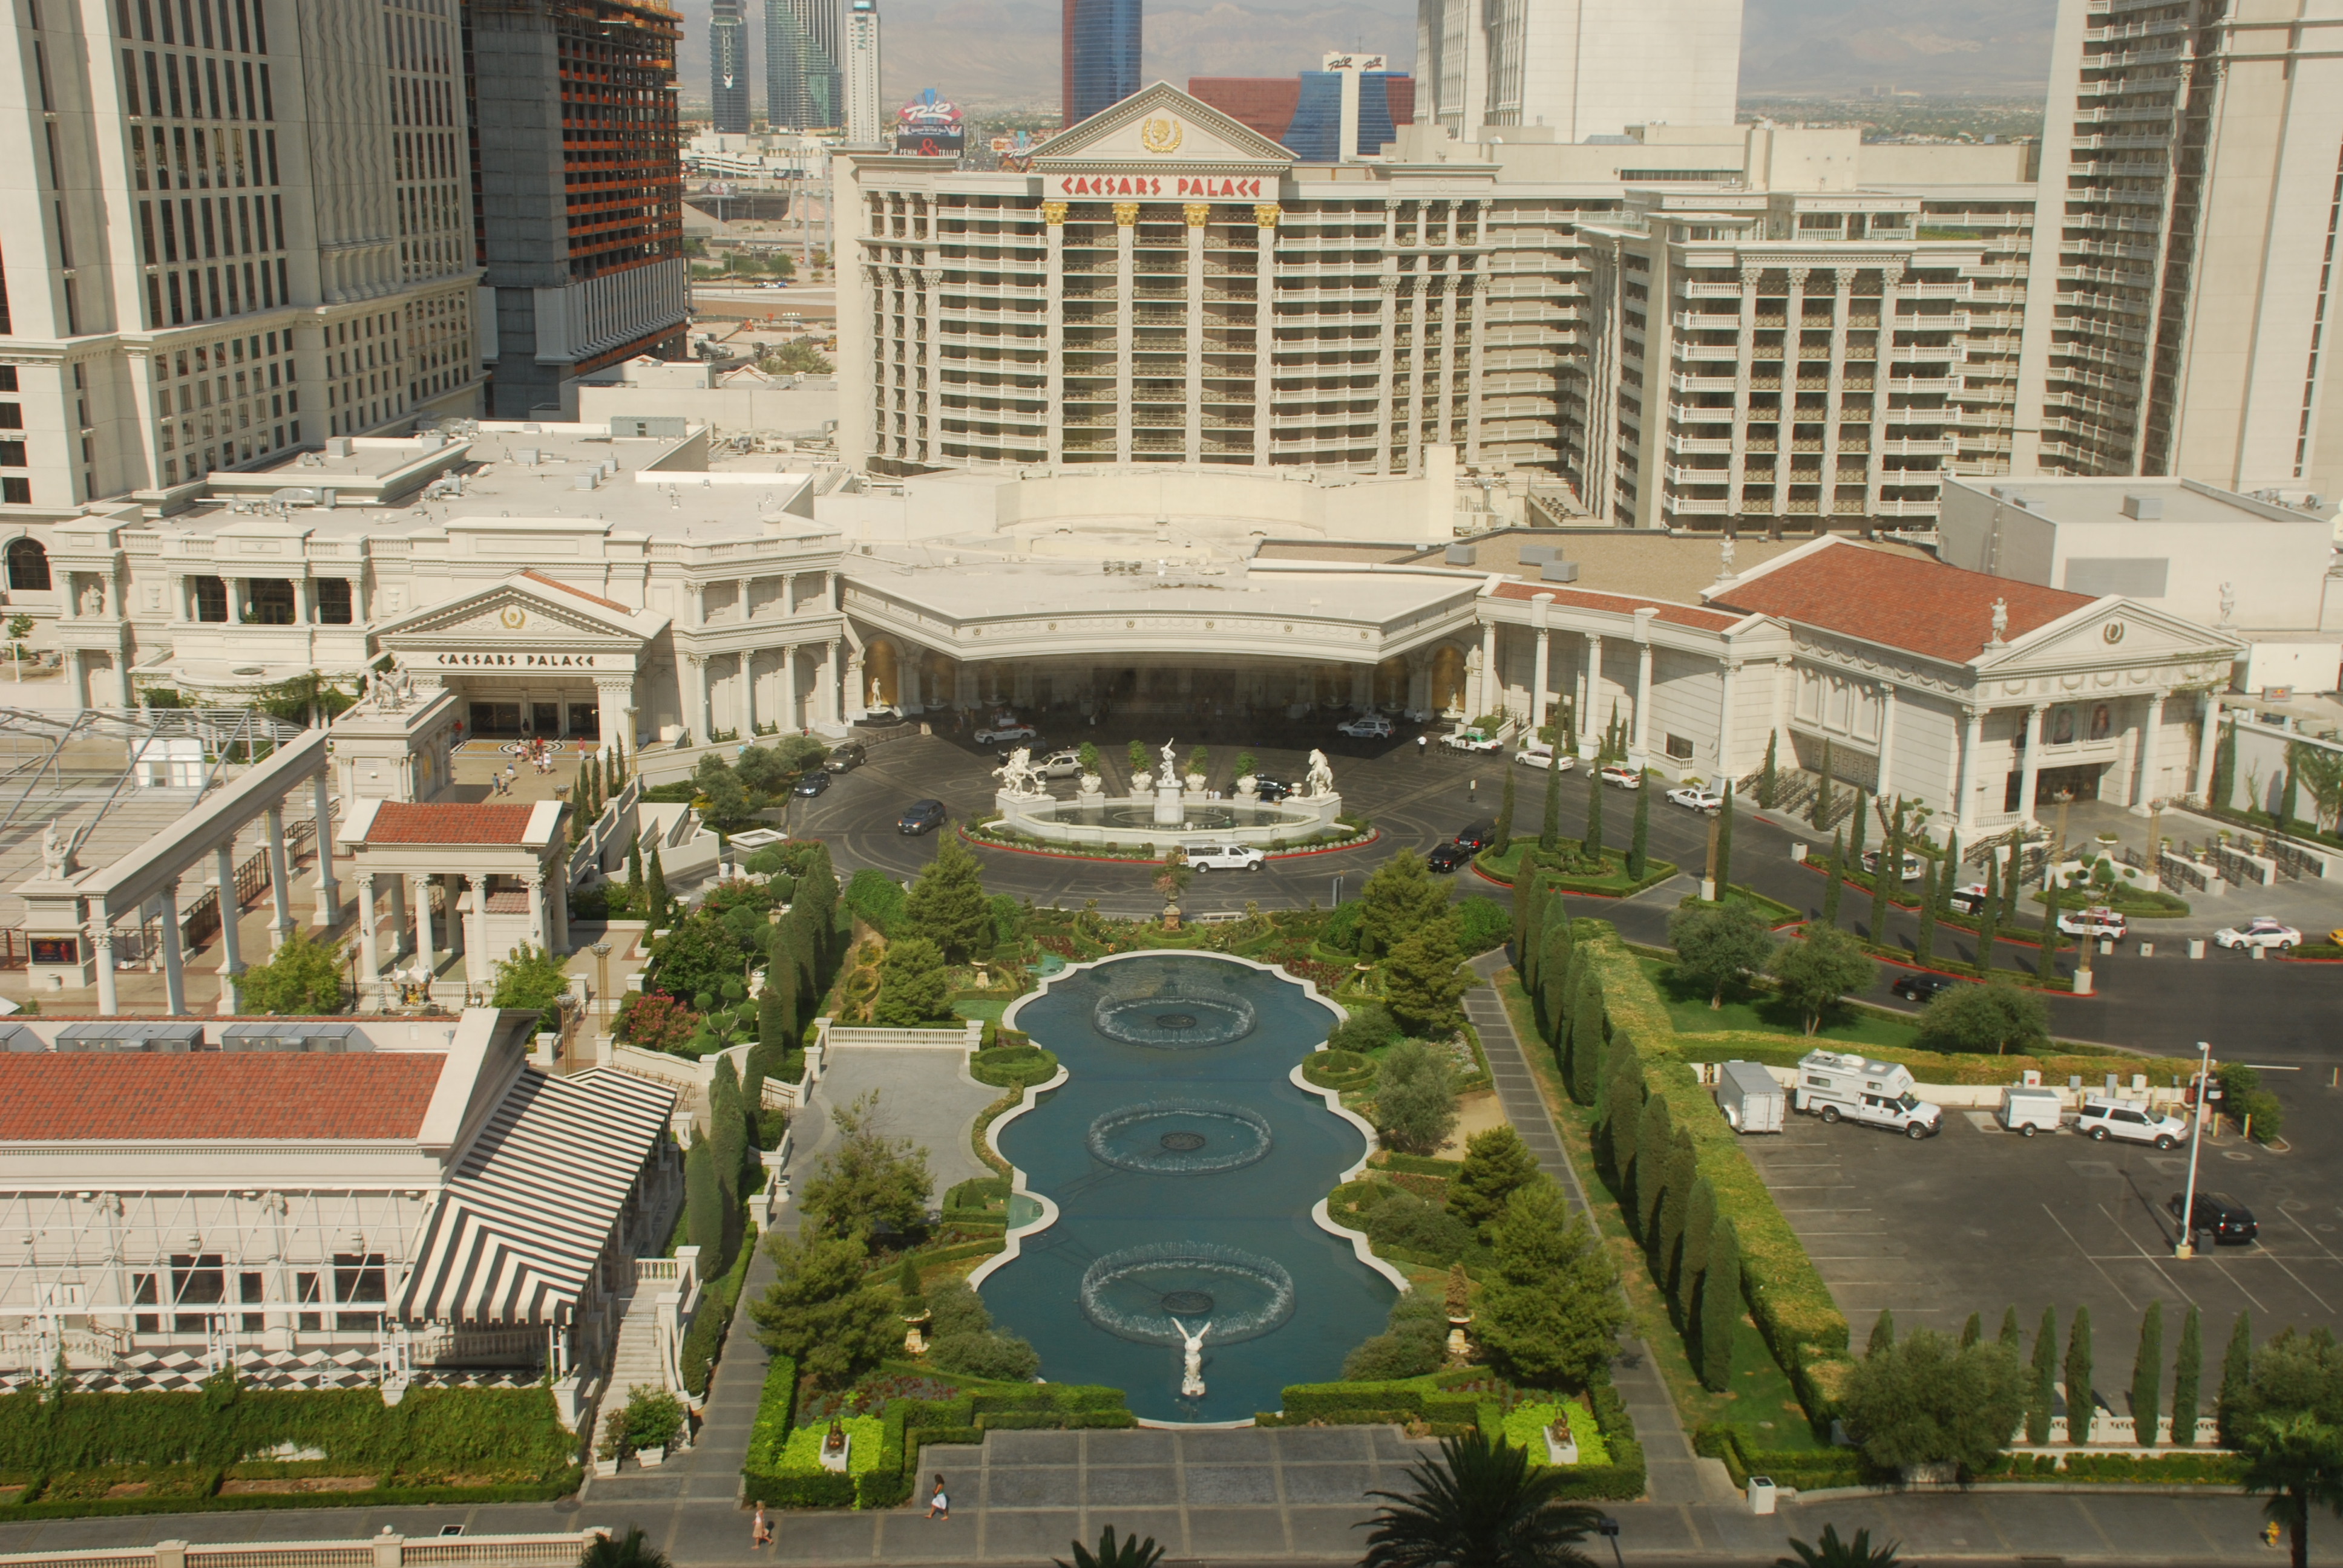 Barbary coast hotel casino 16